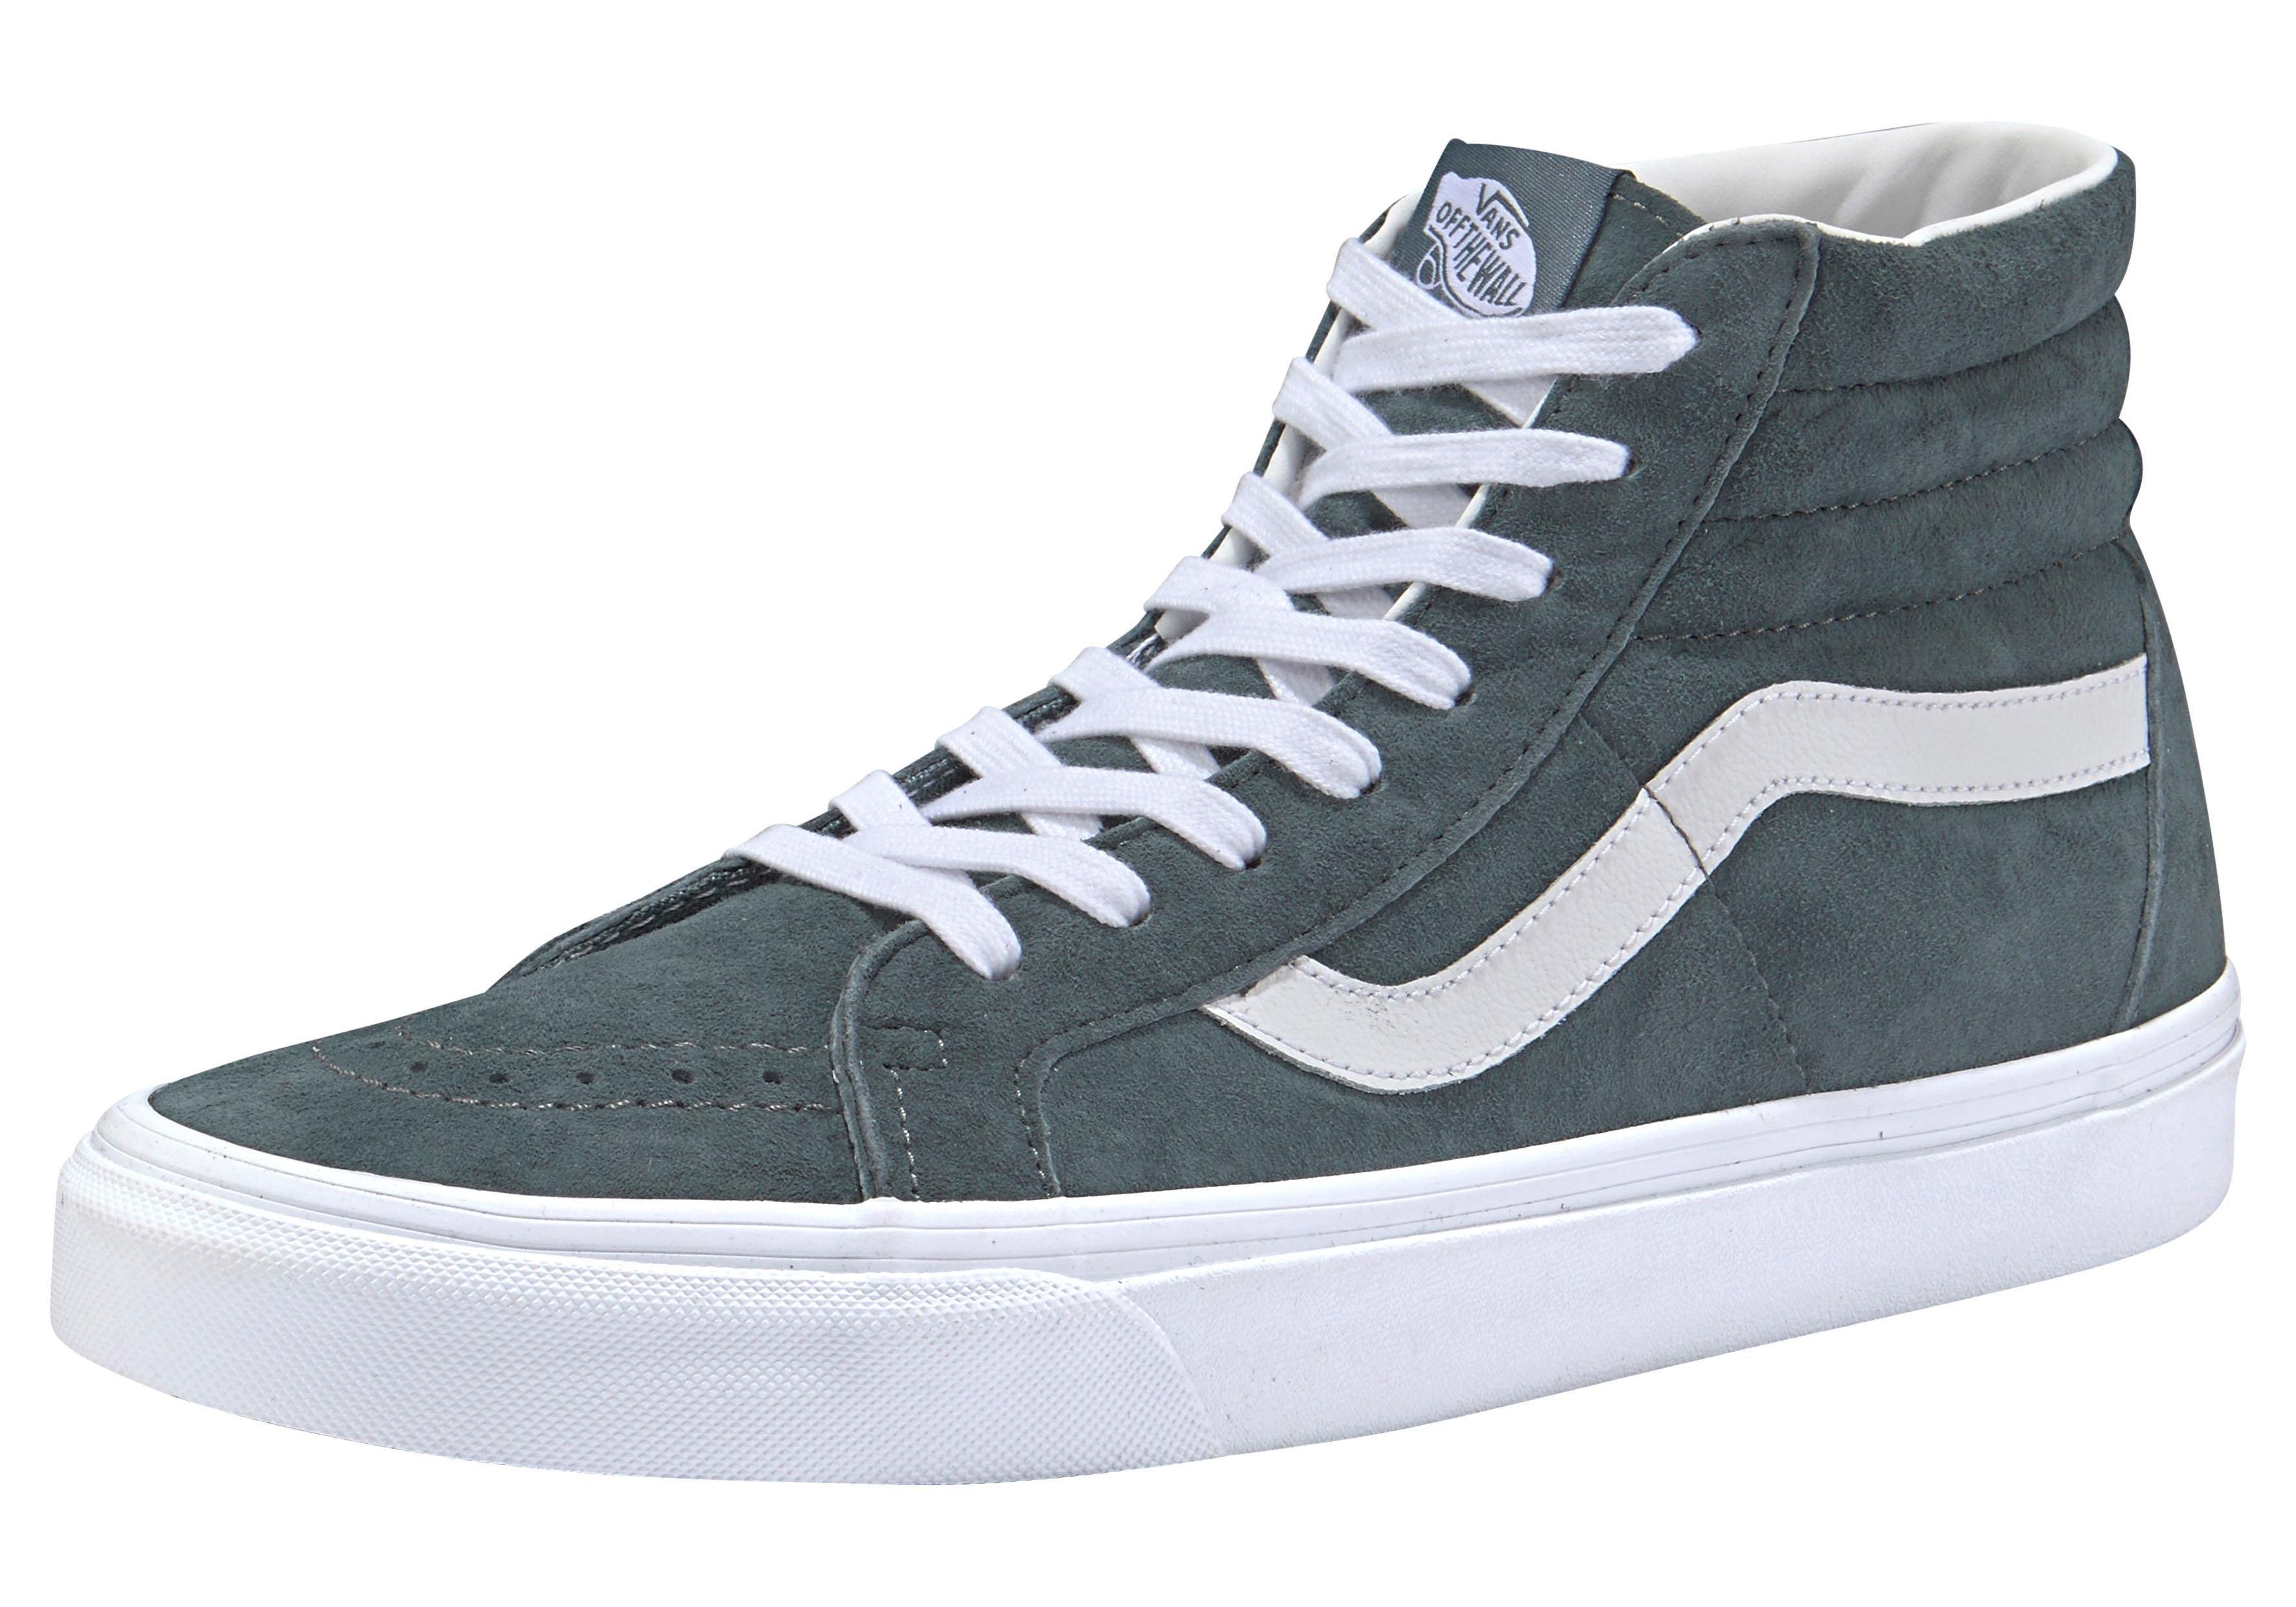 664ee0cb1ae203 Afbeeldingsbron  Vans sneakers »Sk8-Hi Reissue«